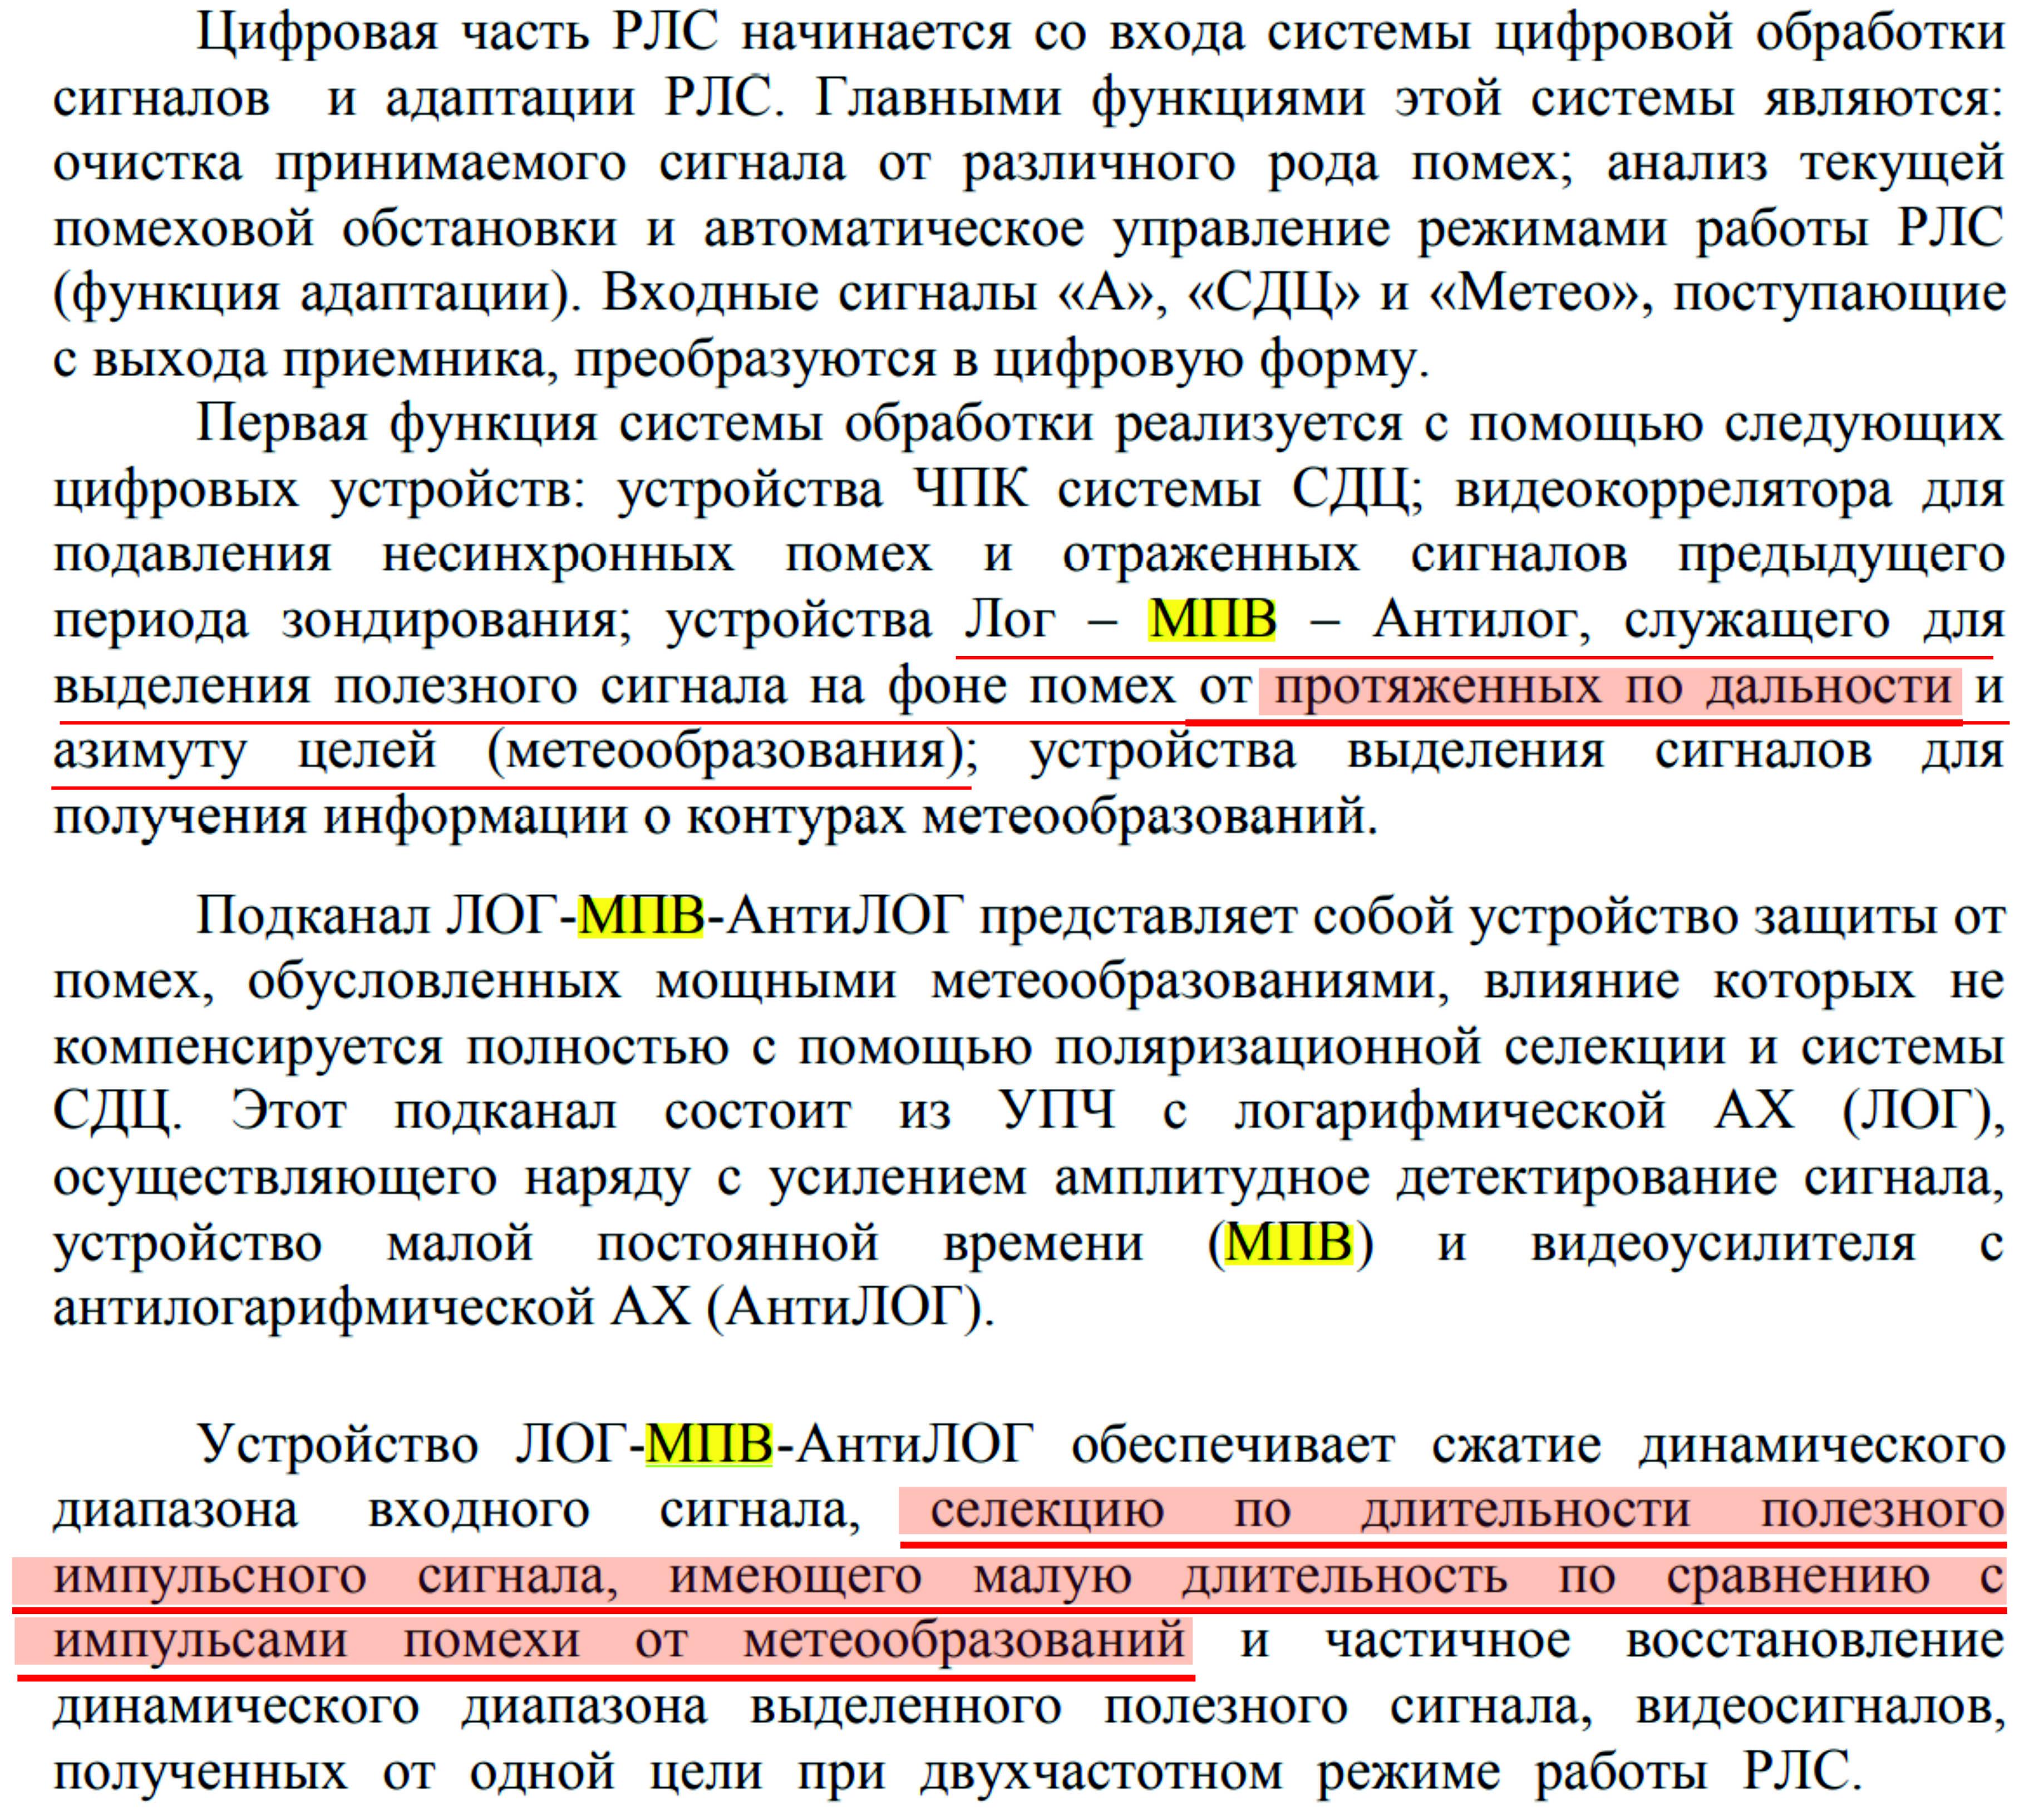 http://images.vfl.ru/ii/1613559161/a008f98a/33366411.jpg